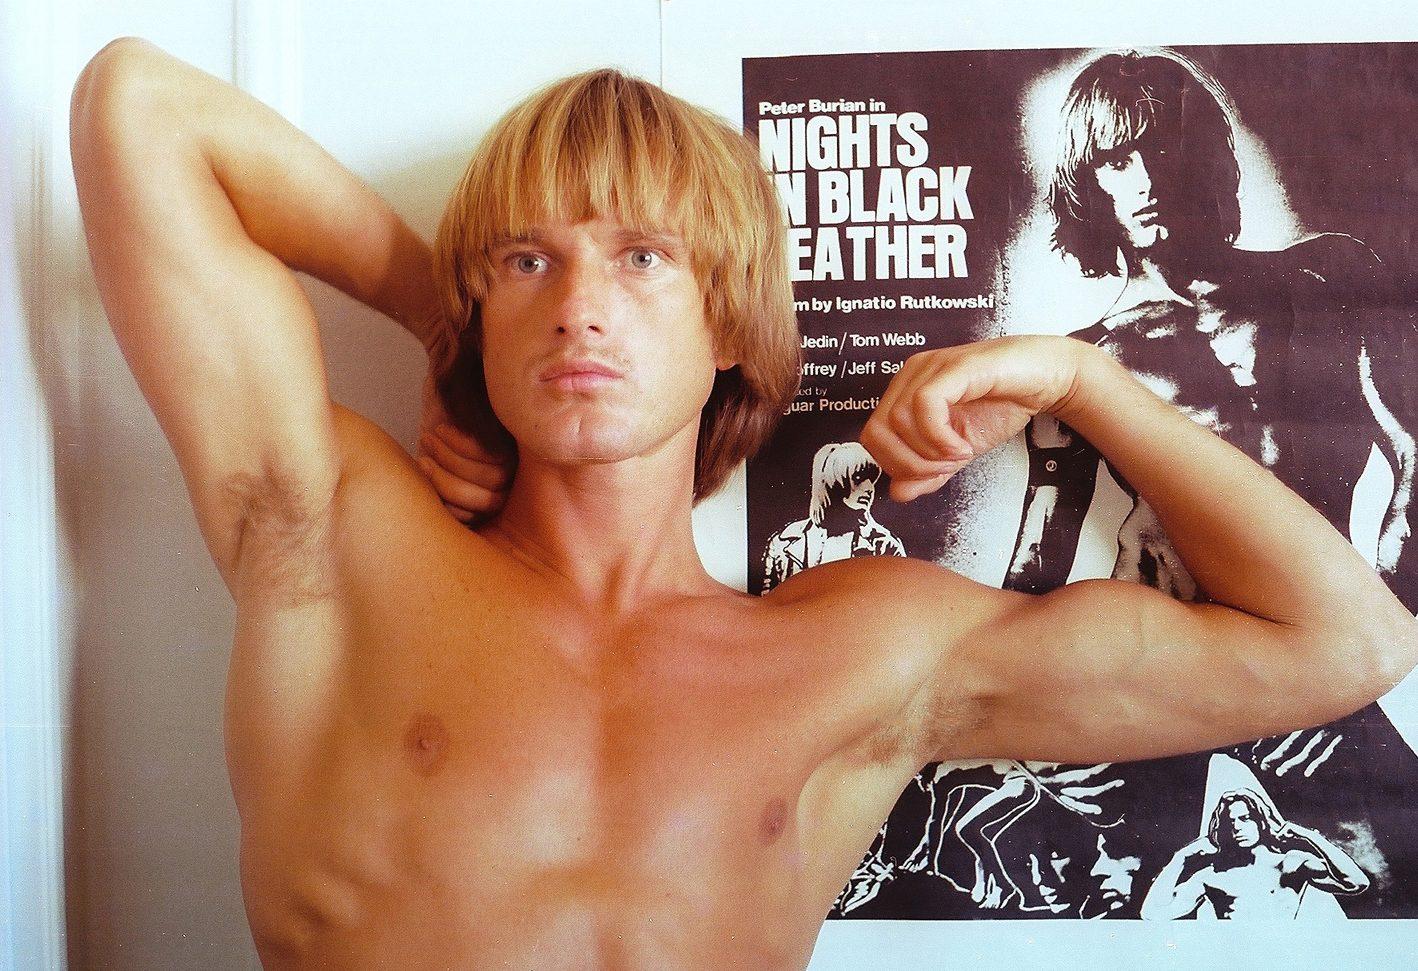 Precursor do OnlyFans, Peter Berlin vendia nudes por correios nos anos 60